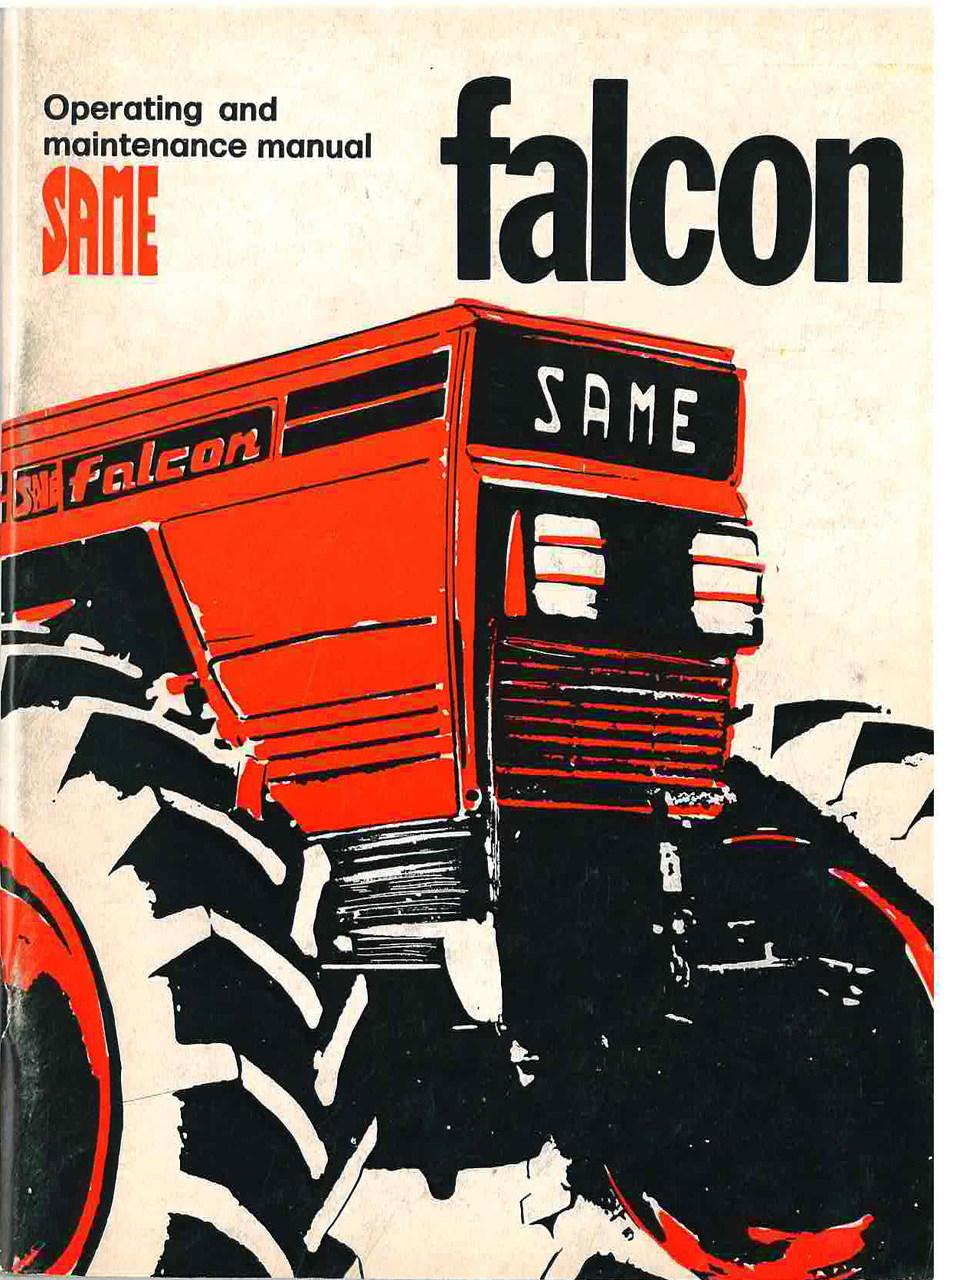 sdf archivio storico e museo rh archiviostorico sdfgroup com Bolens Lawn Tractor Manual Tractor Owners Manuals